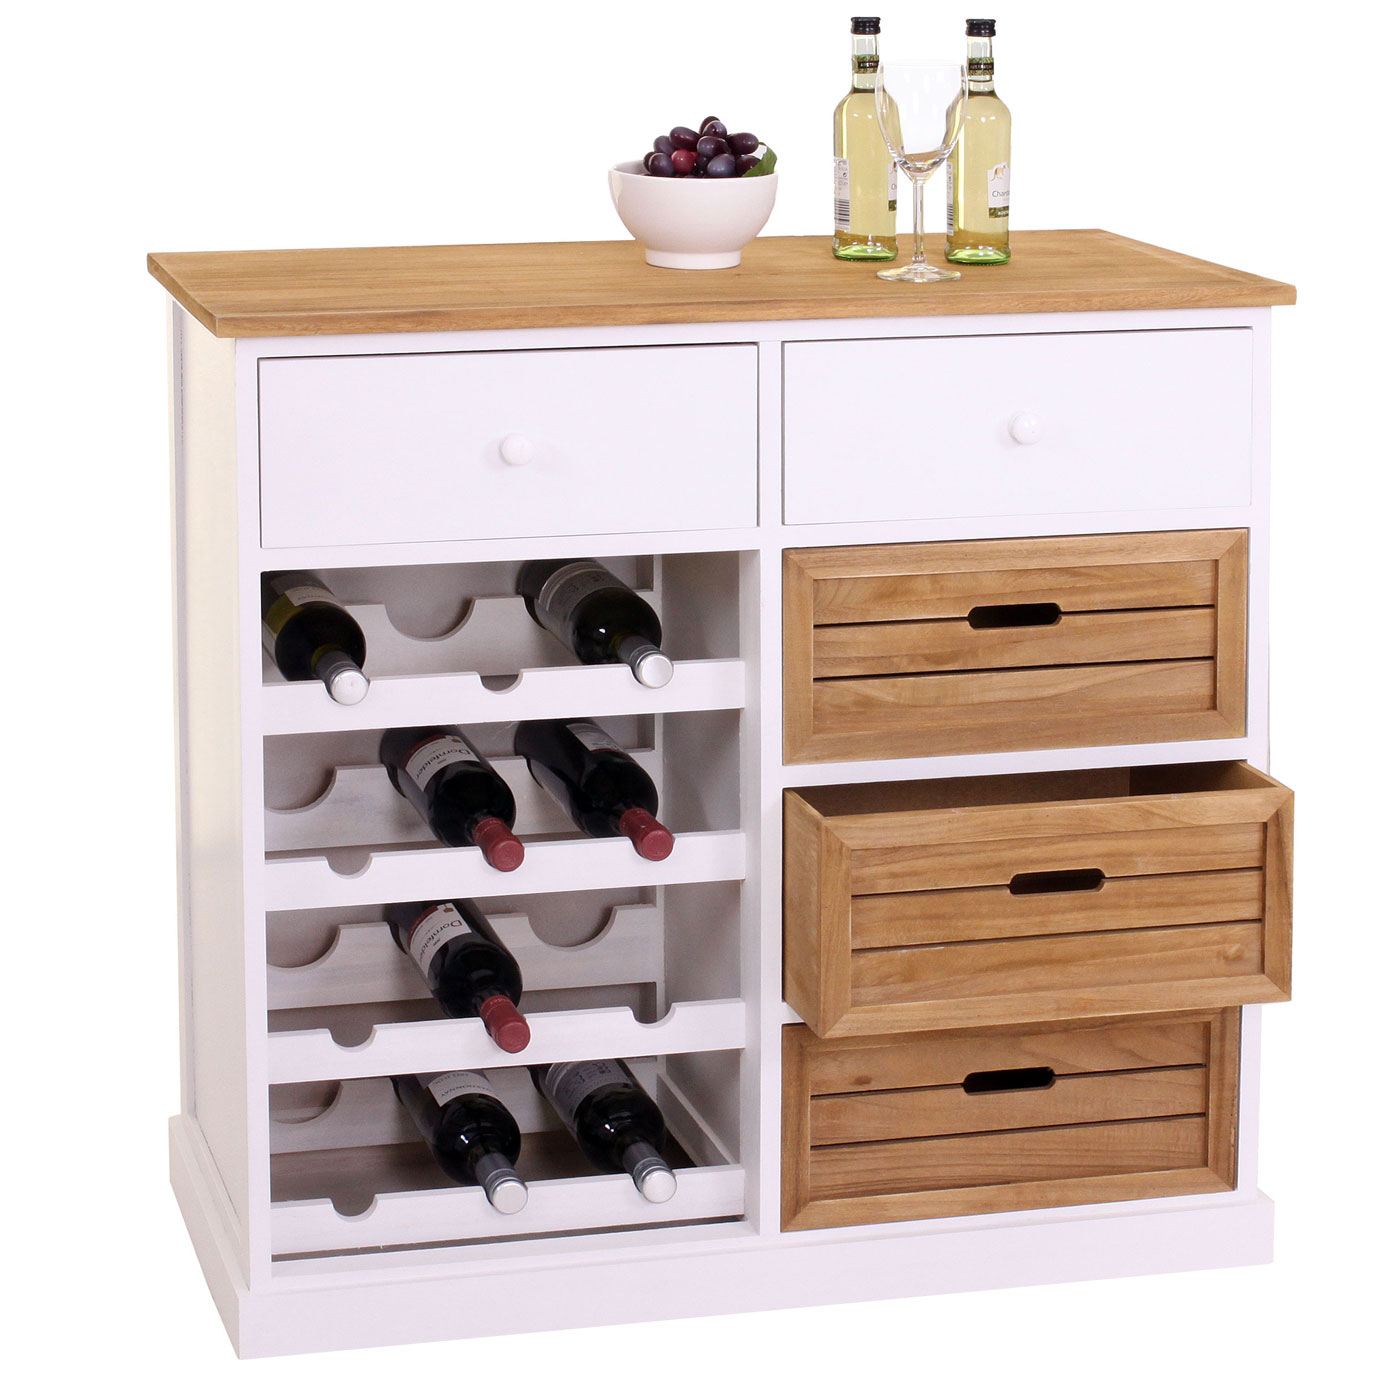 Mendler Weinregal HWC-B96, Kommode Flaschenregal für 12 Flaschen mit Schubladen, Landhaus 86x87x37cm ~ Varia 57307